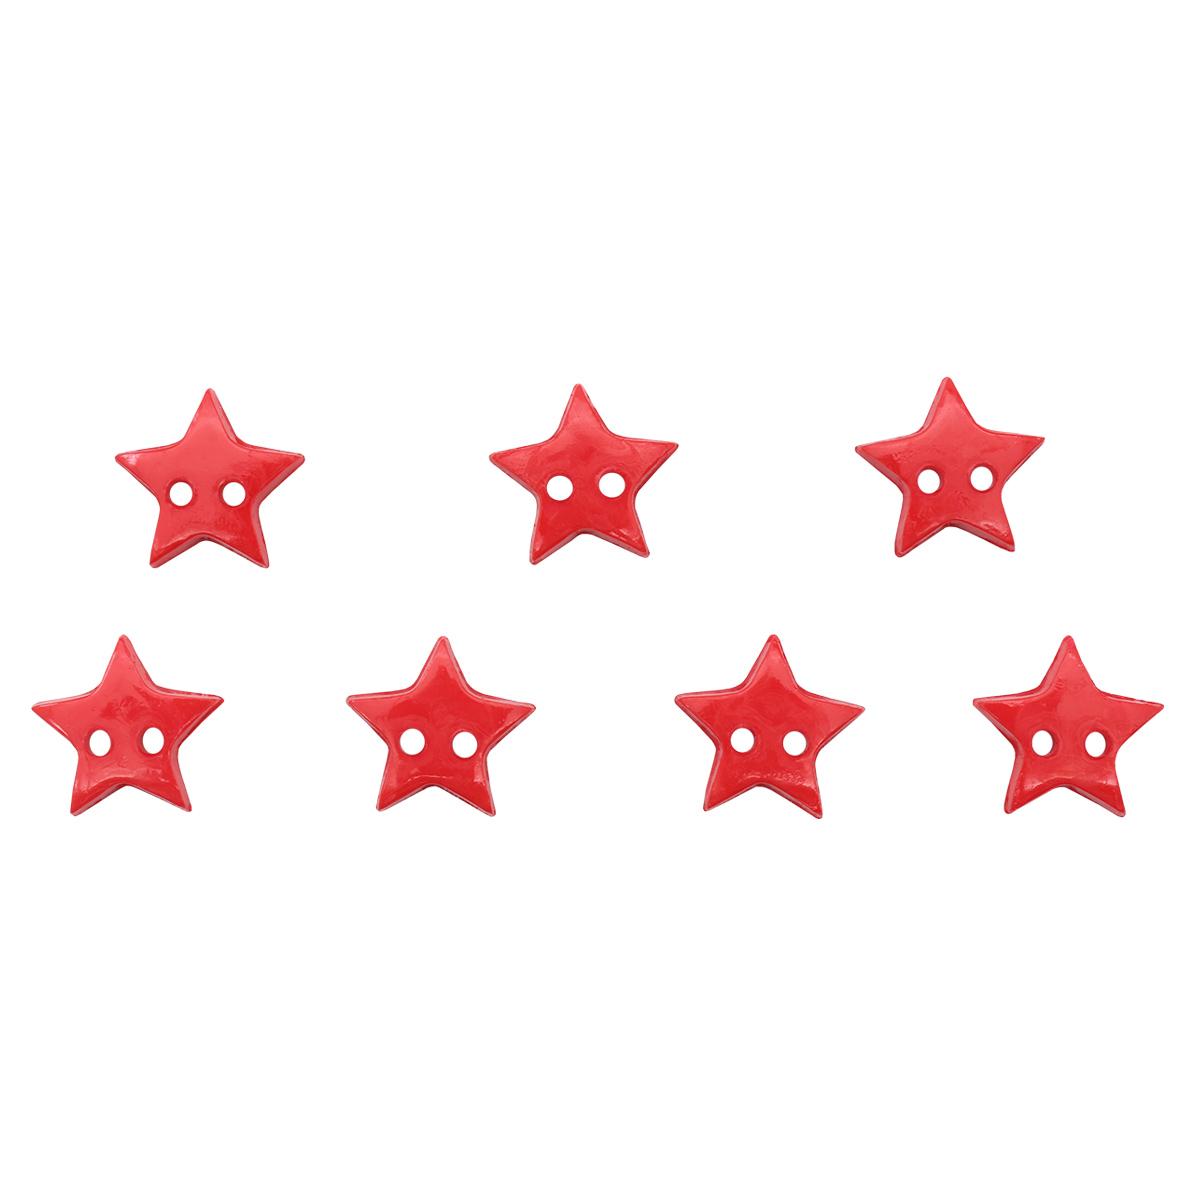 1609 Пуговица 'Звезда', 13 мм